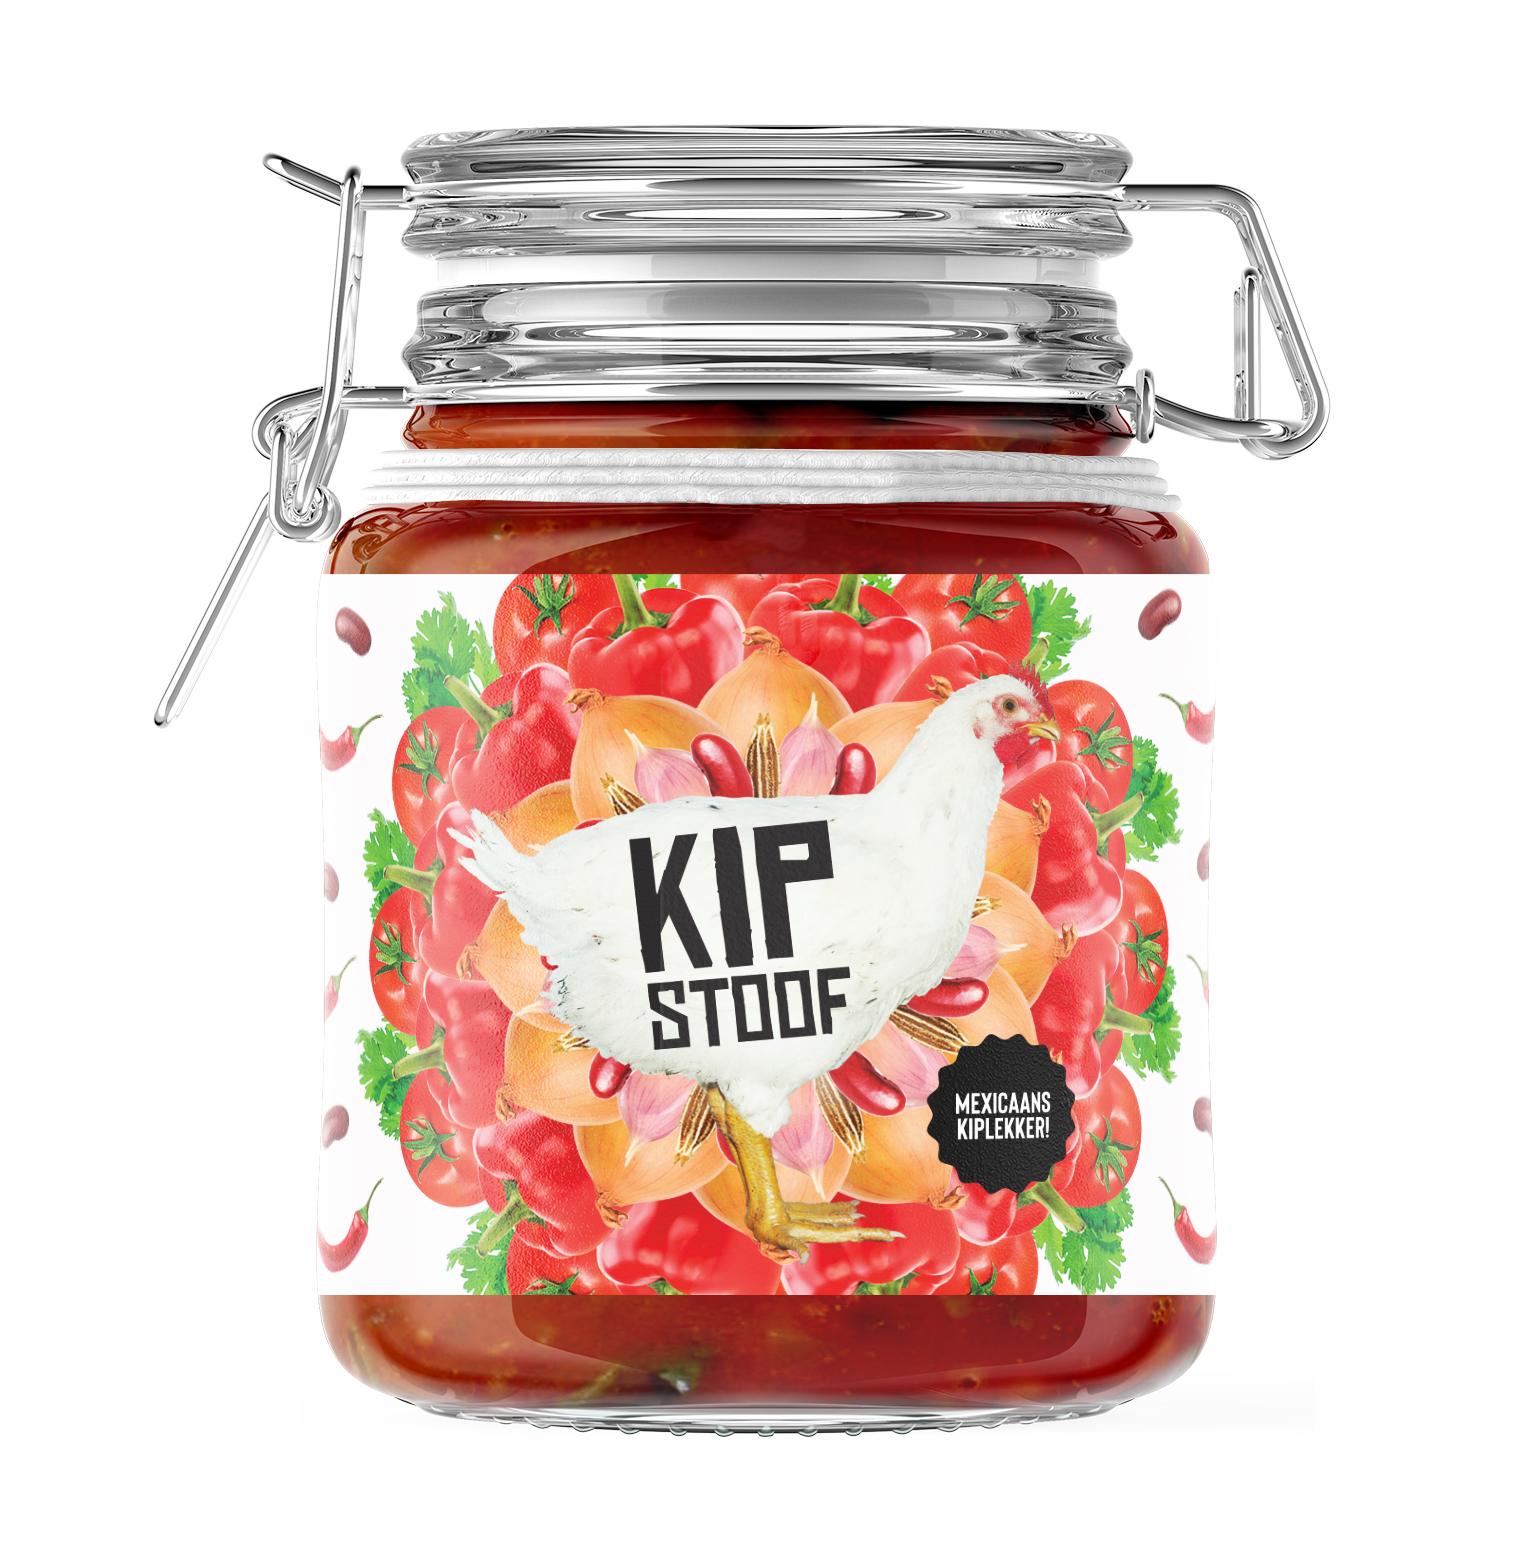 Kip_Stoof_02